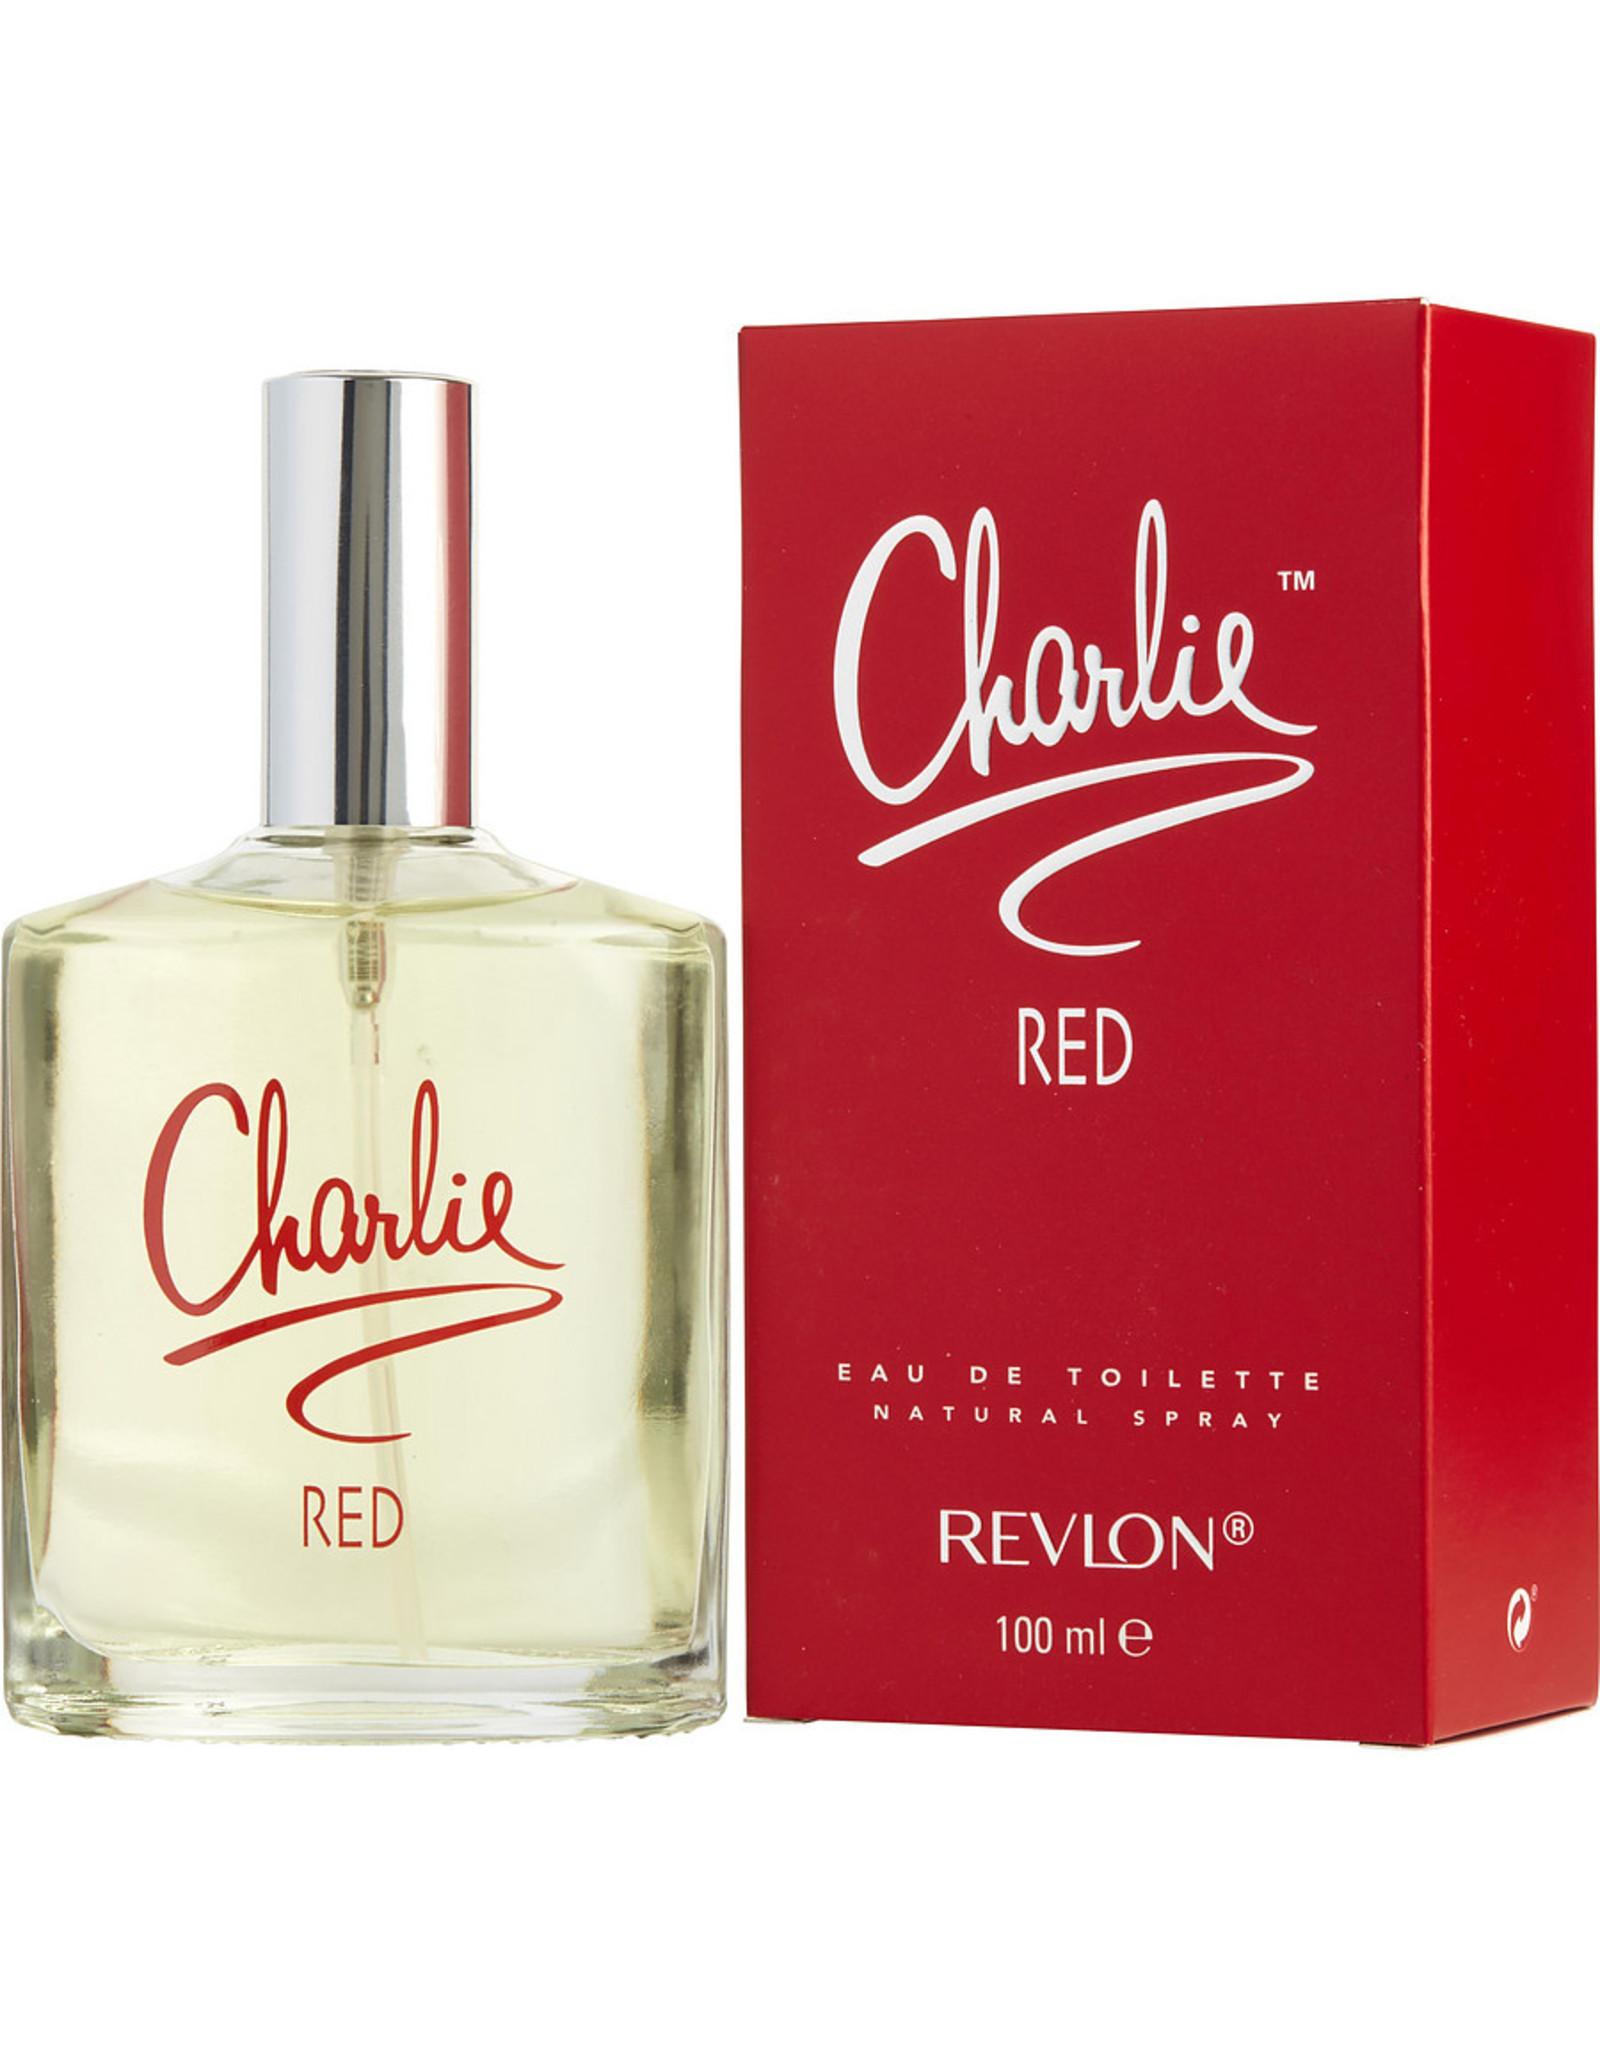 REVLON REVLON CHARLIE RED